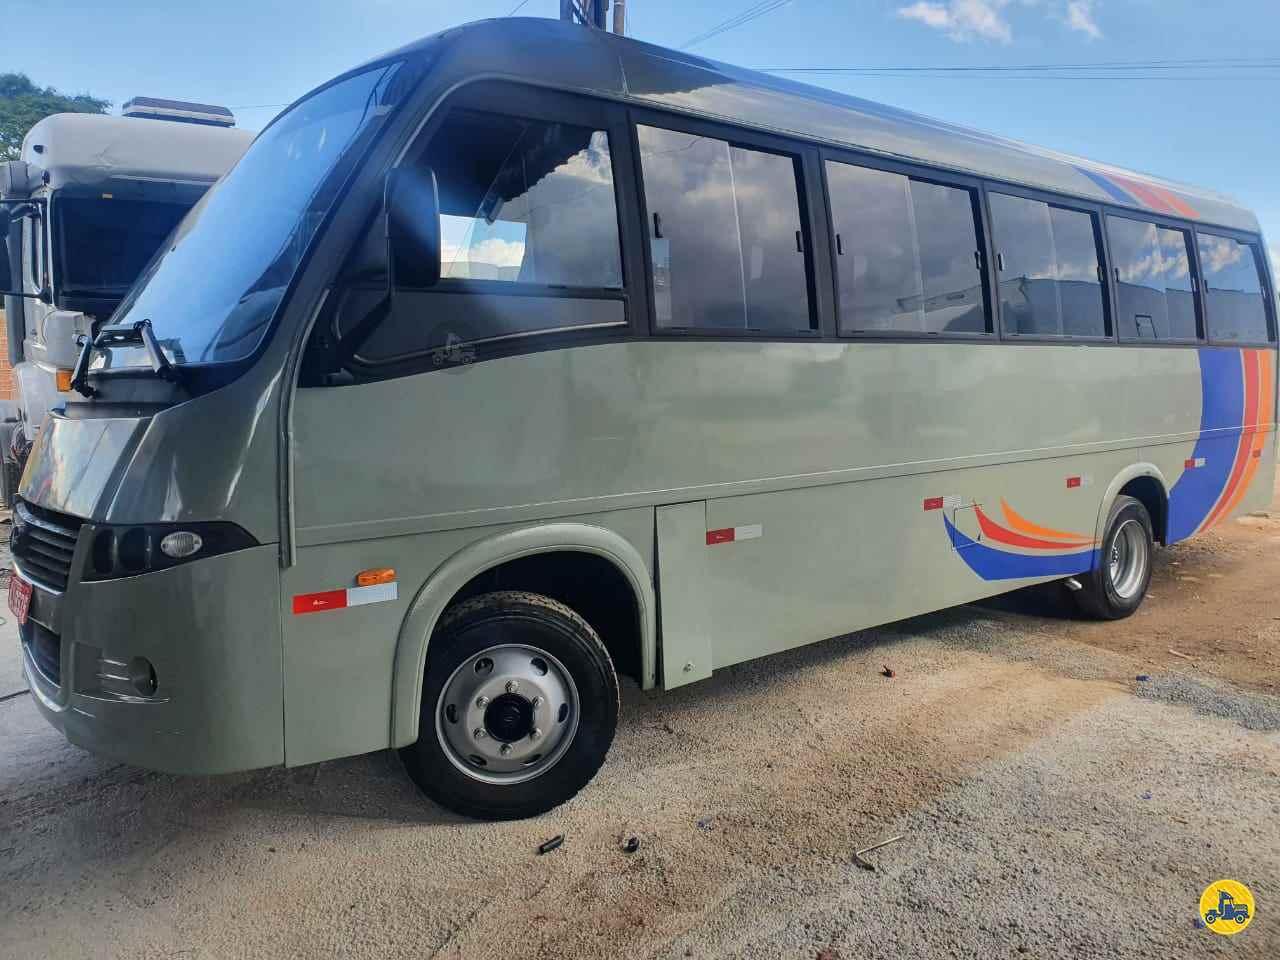 MARCOPOLO Volare W8 1km 2004/2005 Nego Véio Caminhões e Ônibus